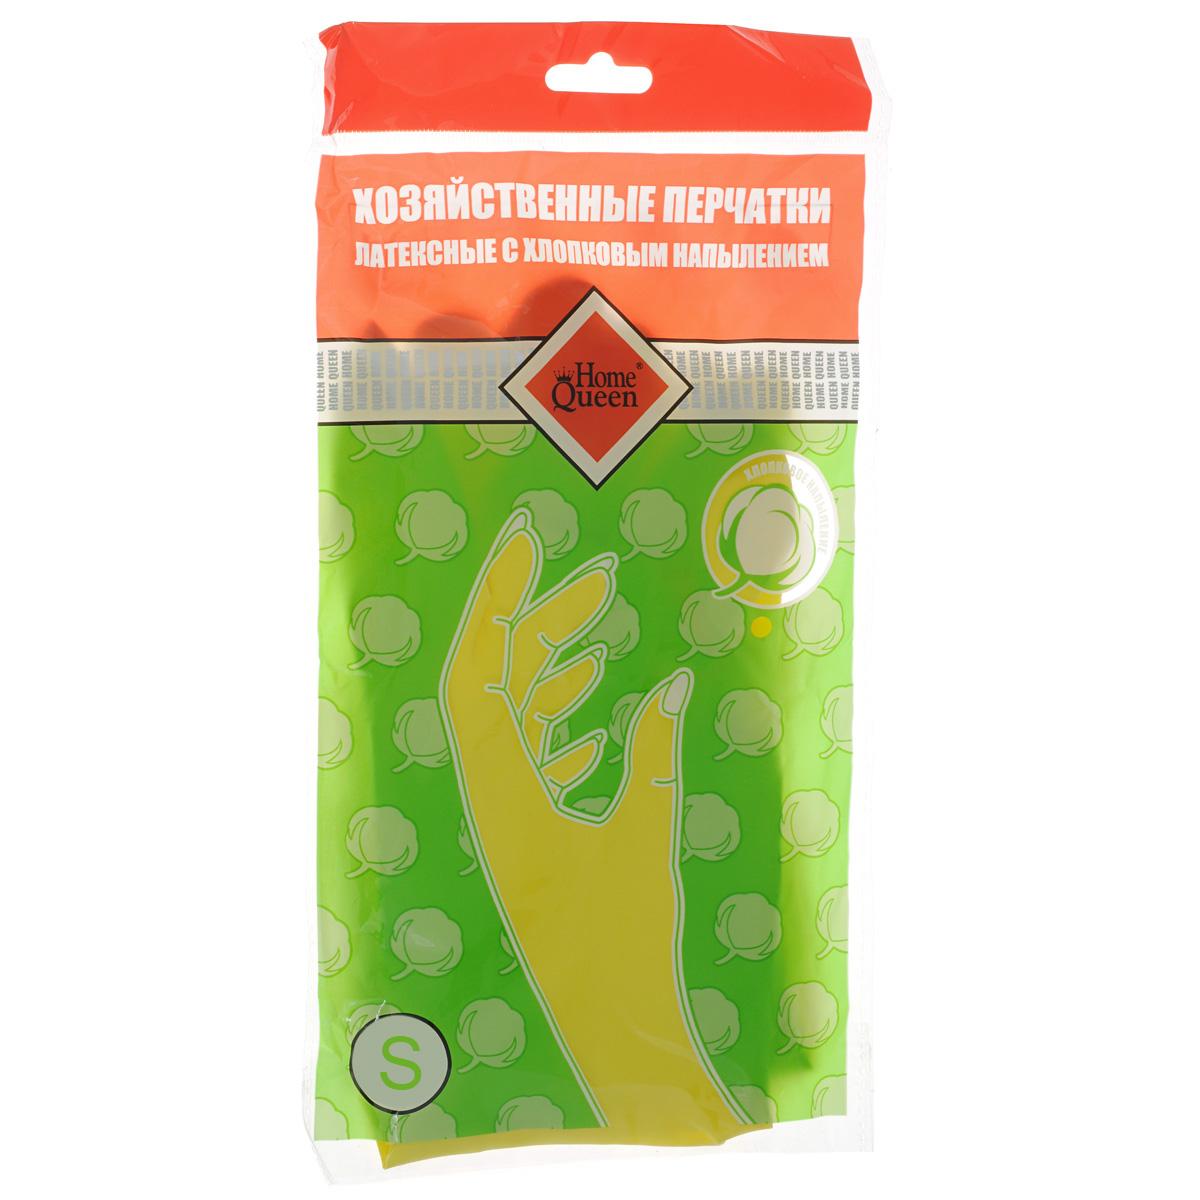 Перчатки латексные Home Queen, с хлопковым напылением. Размер S перчатки латексные с манжетой из пвх и внутренним хлопковым напылением размер м 29479